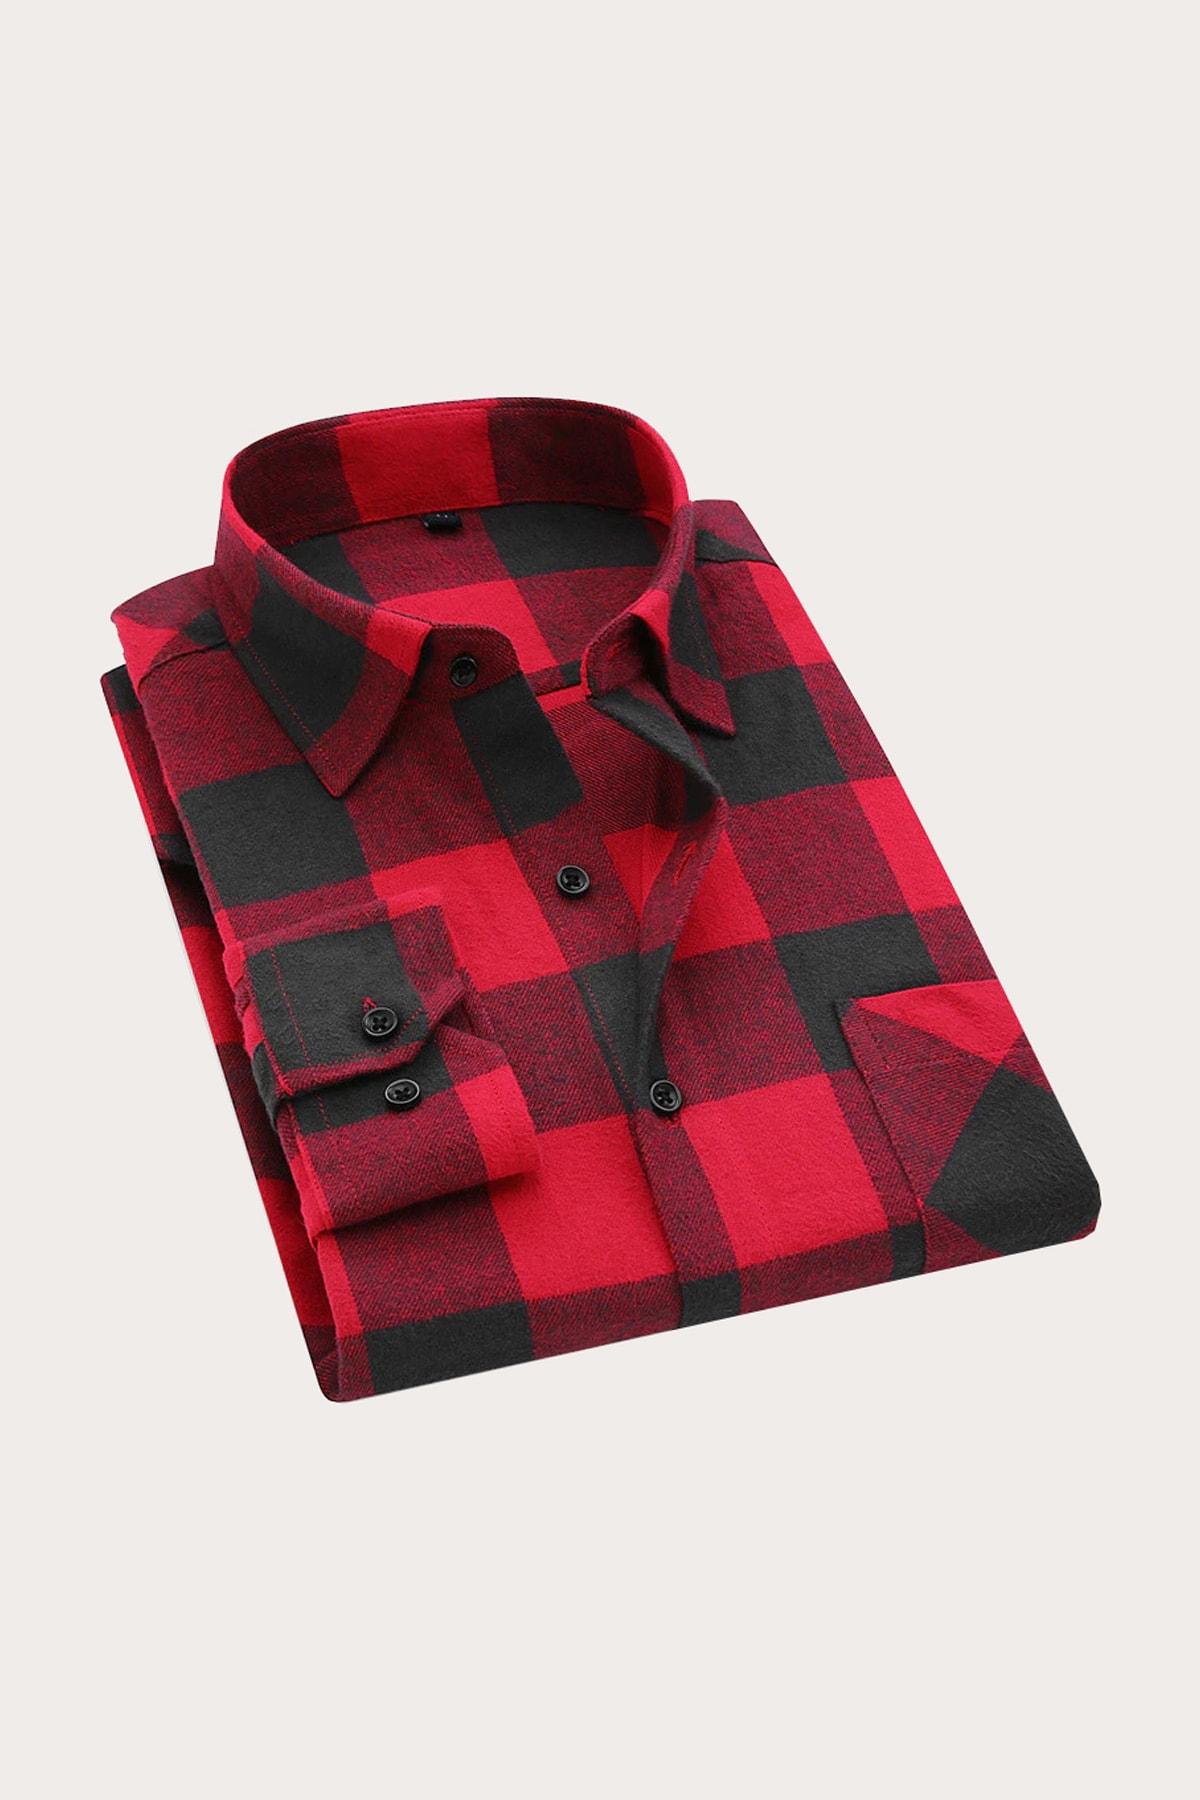 Ottomoda Erkek Oduncu Gömlek Kırmızı Ekoseli 2